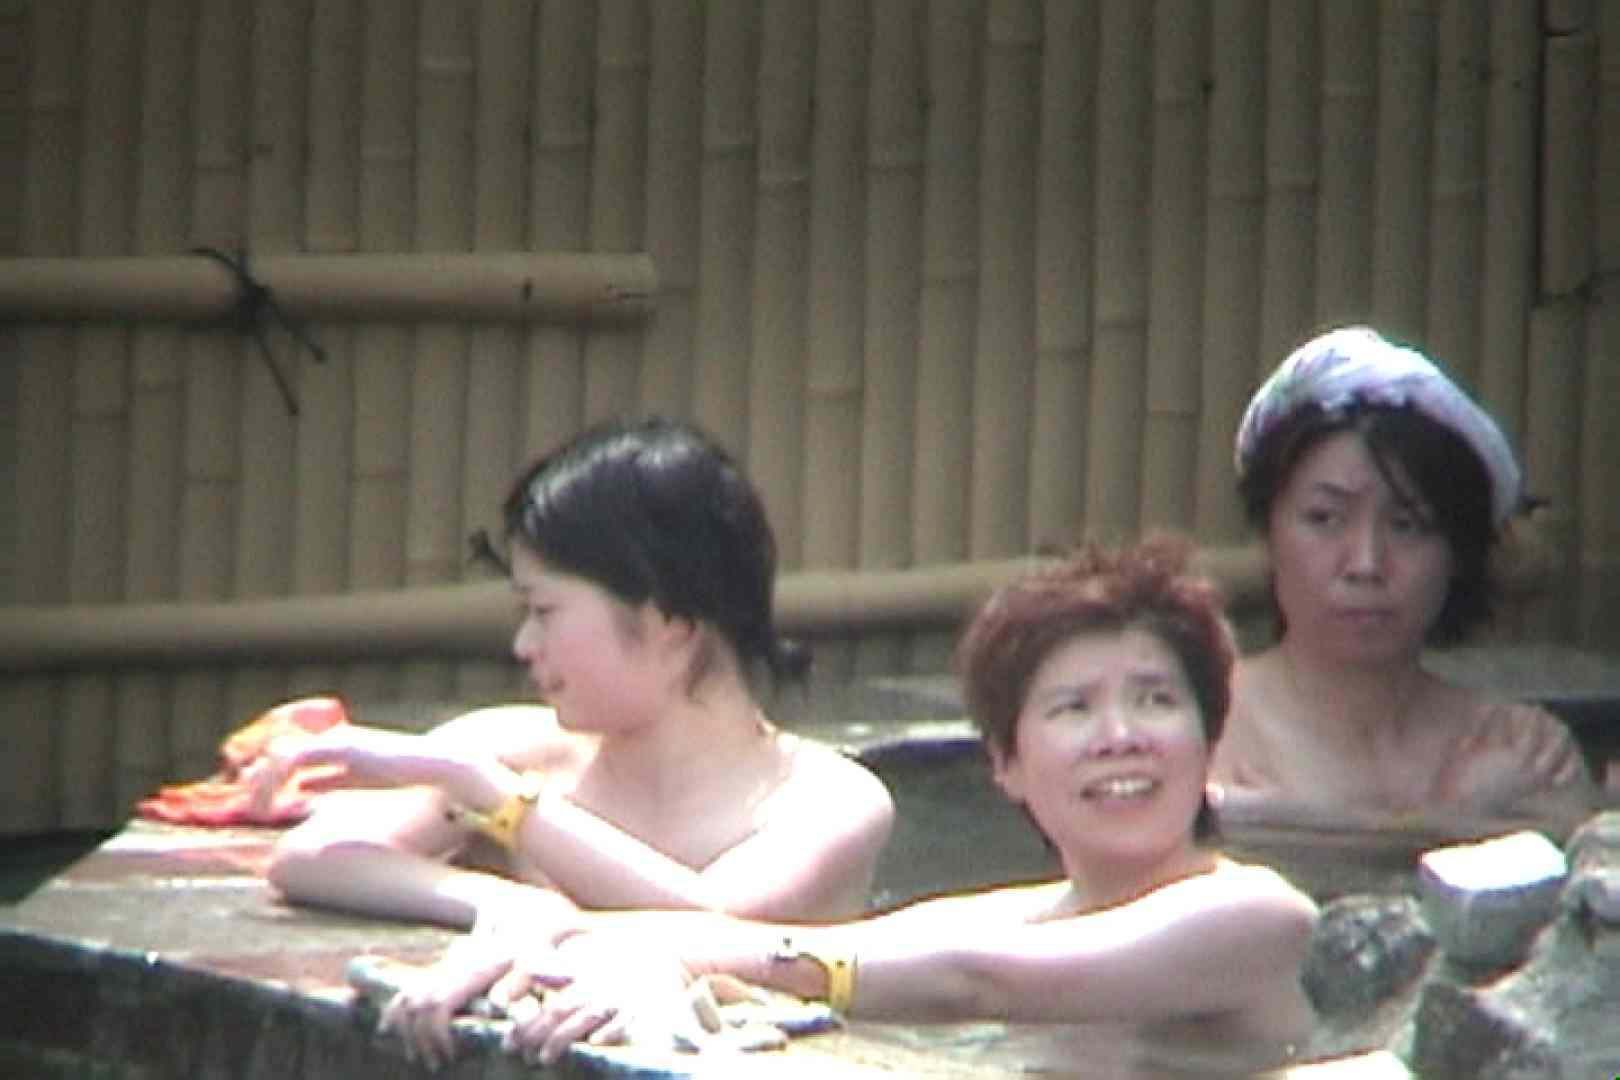 Aquaな露天風呂Vol.54【VIP限定】 盗撮師作品 ぱこり動画紹介 88pic 47